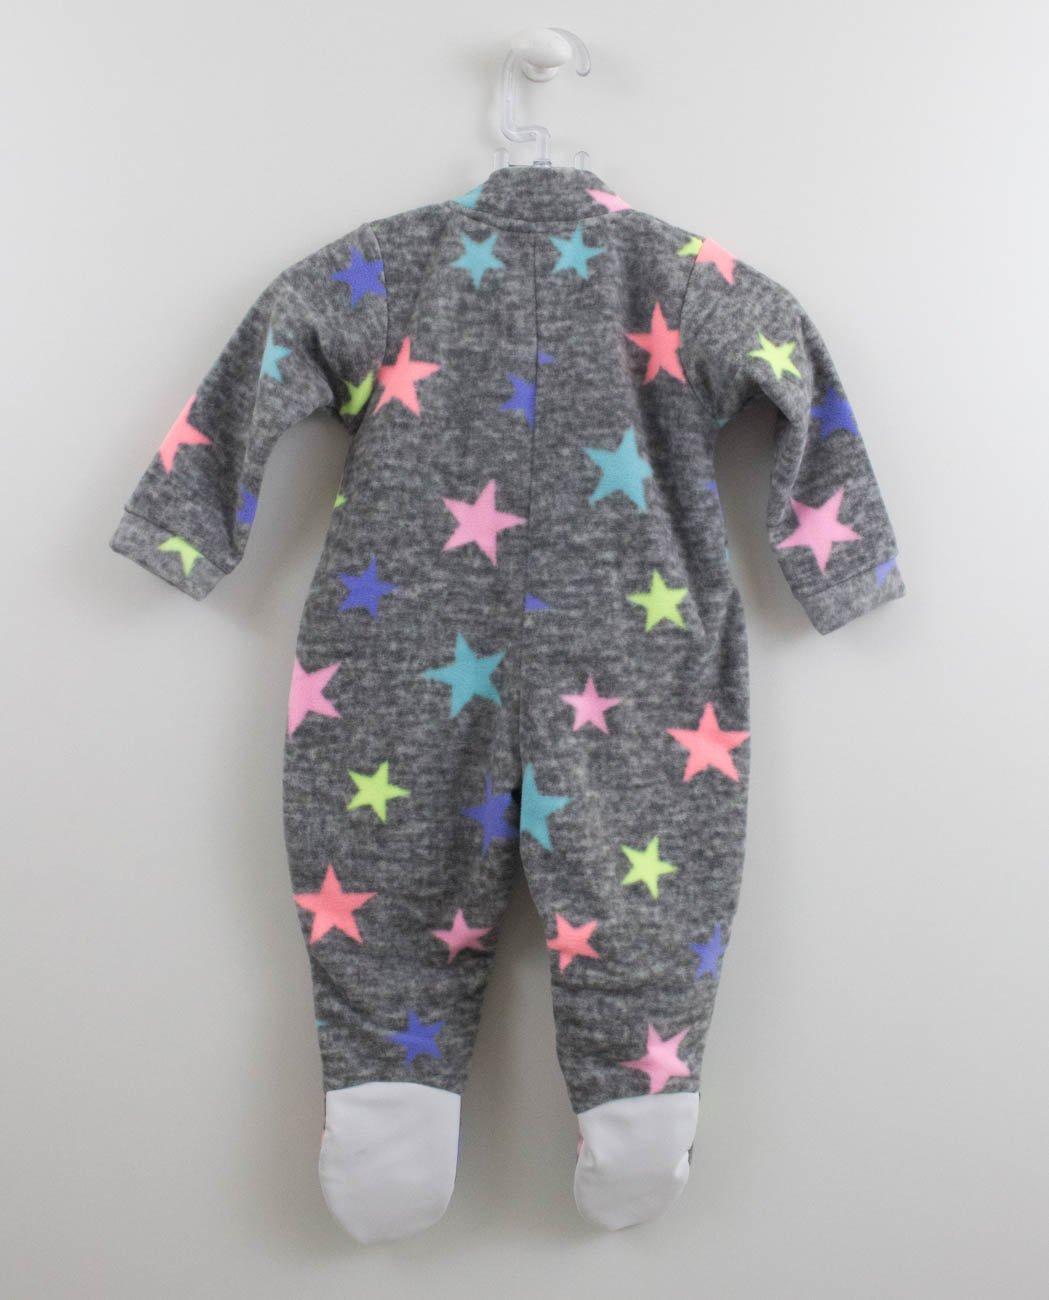 aa3f82ddcfcd1d Pijama Macacão Soft Vrasalon Estrelas Neon